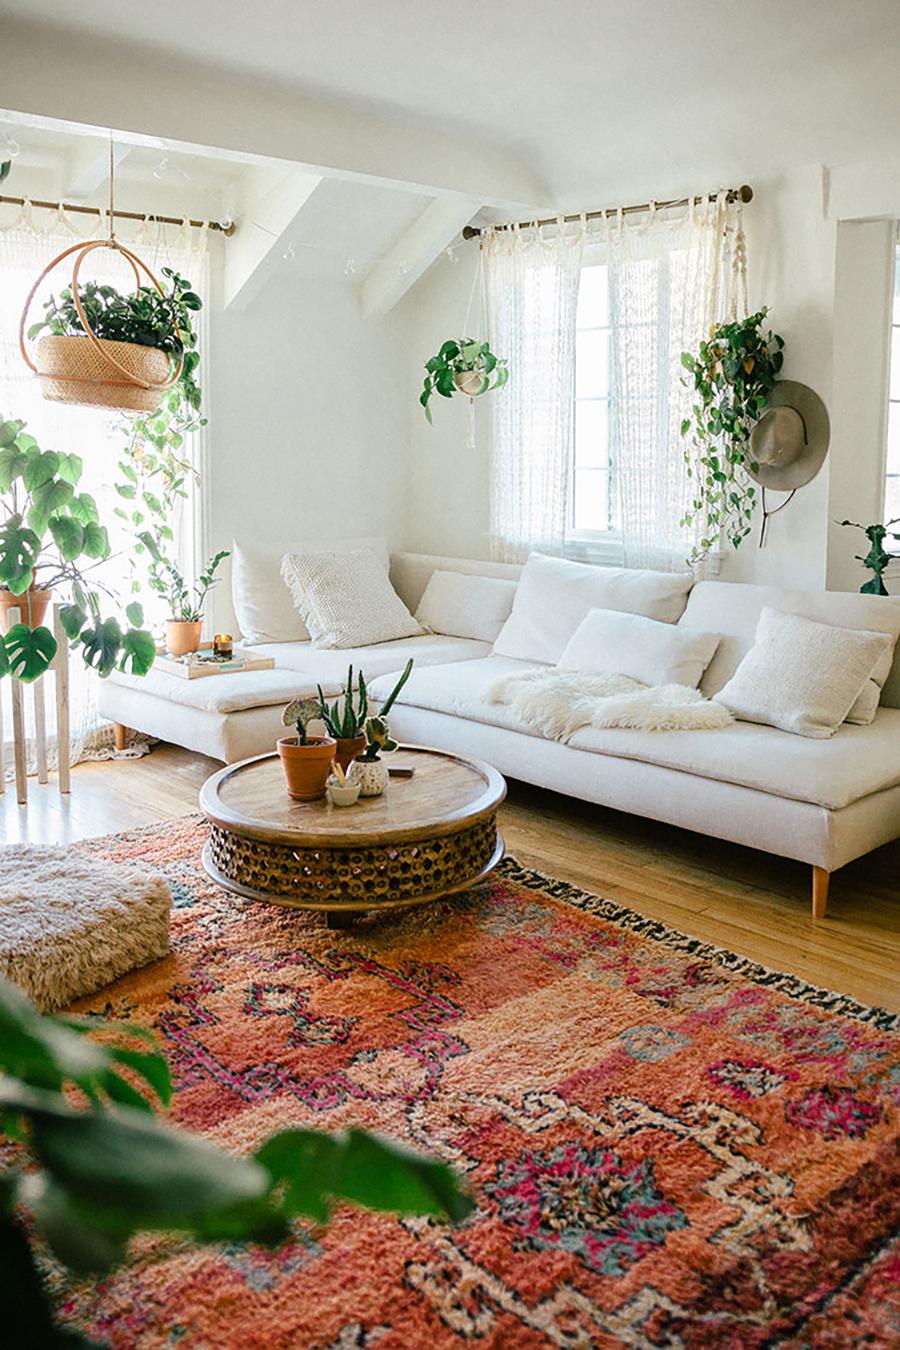 Los textiles como alfombras coloridas o muchos cojines sobre el sofá, aportan a crear un living o sala de estar más moderno.